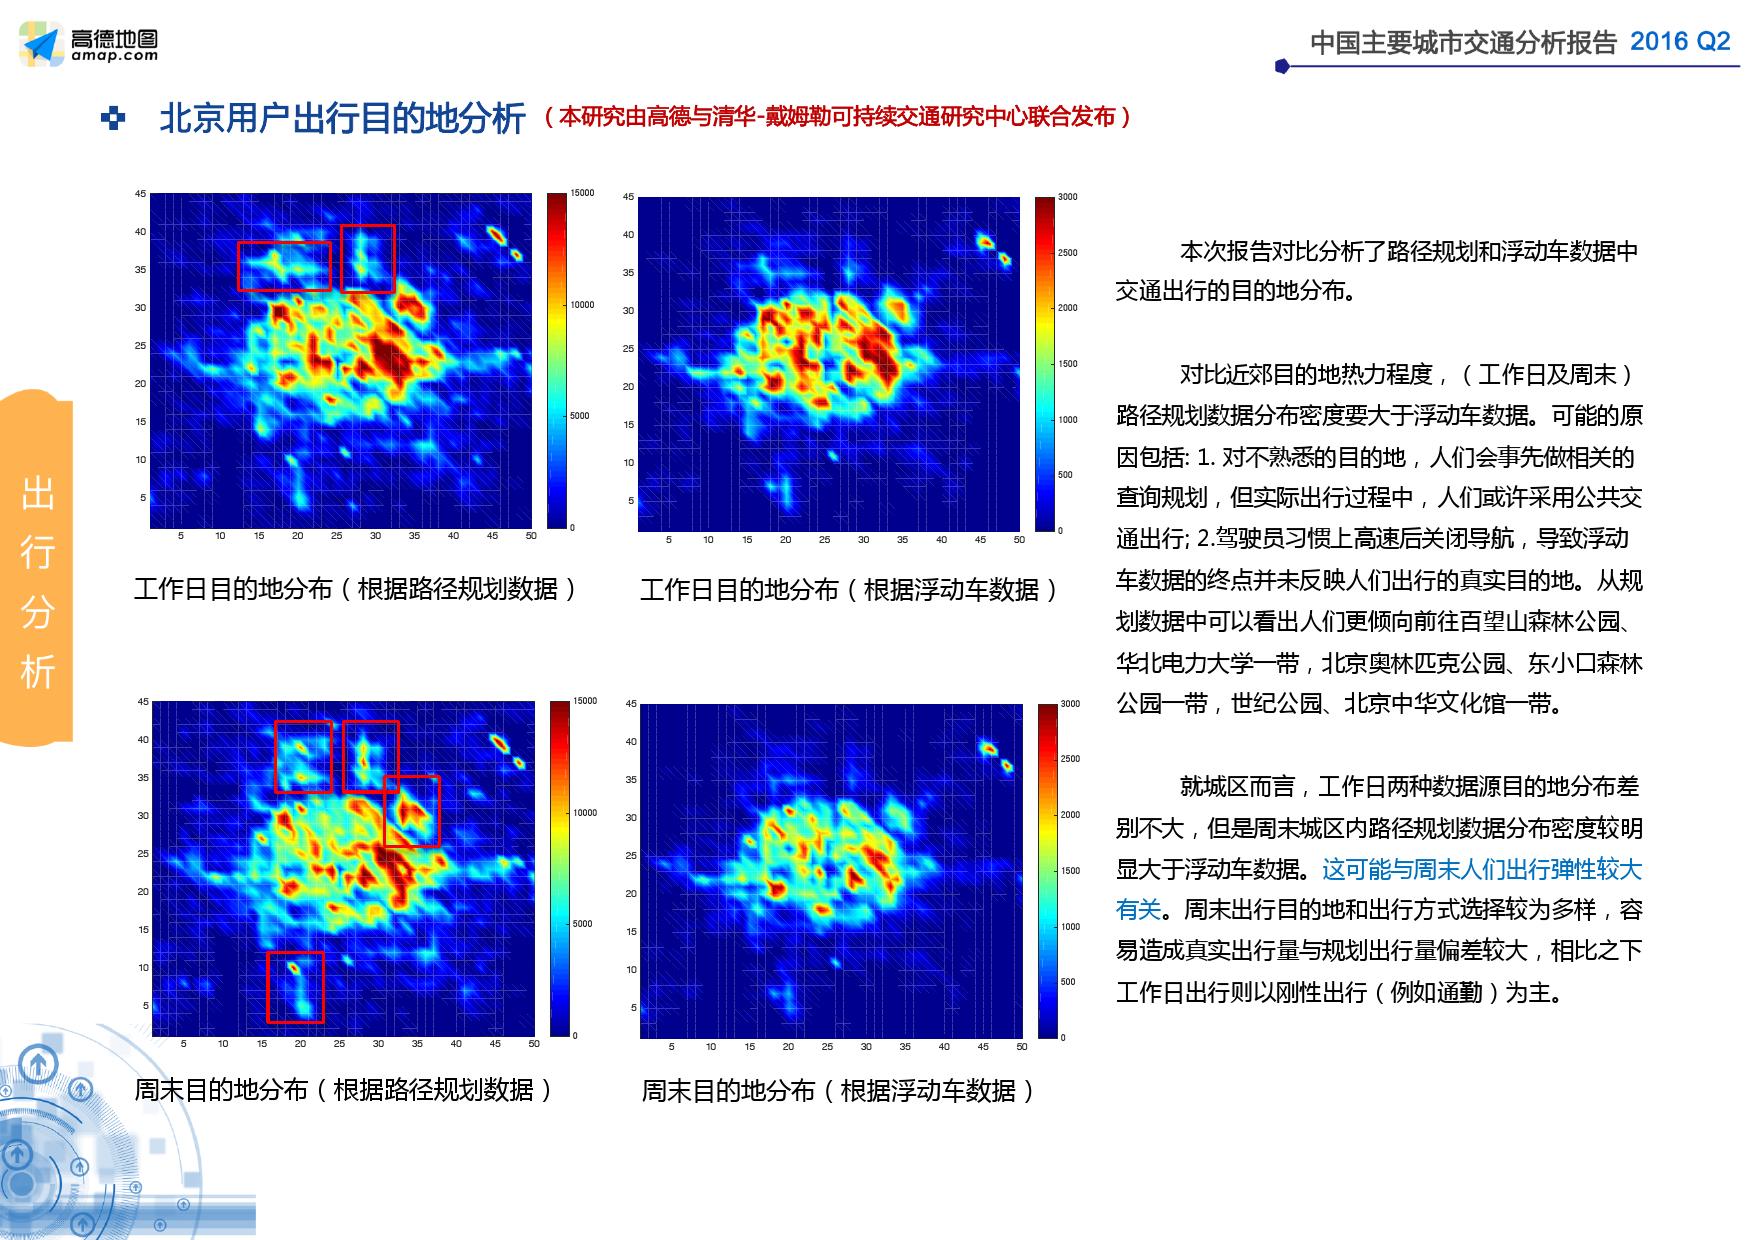 2016年Q2中国主要城市交通分析报告_000050